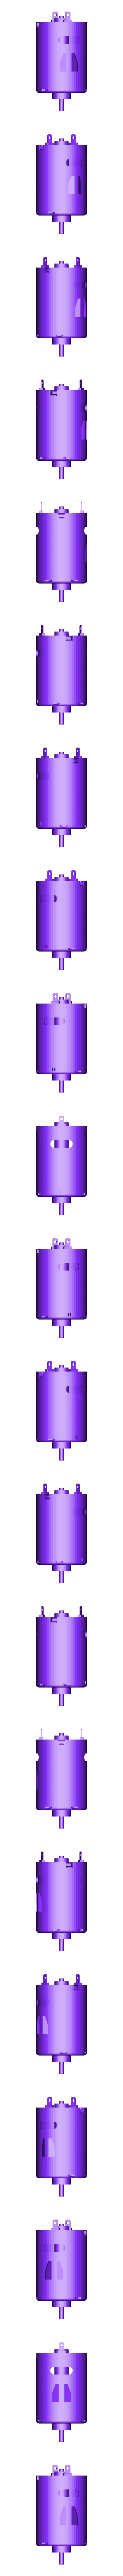 540.STL Télécharger fichier STL gratuit 540 et 550 moteurs. • Plan pour imprimante 3D, tahustvedt